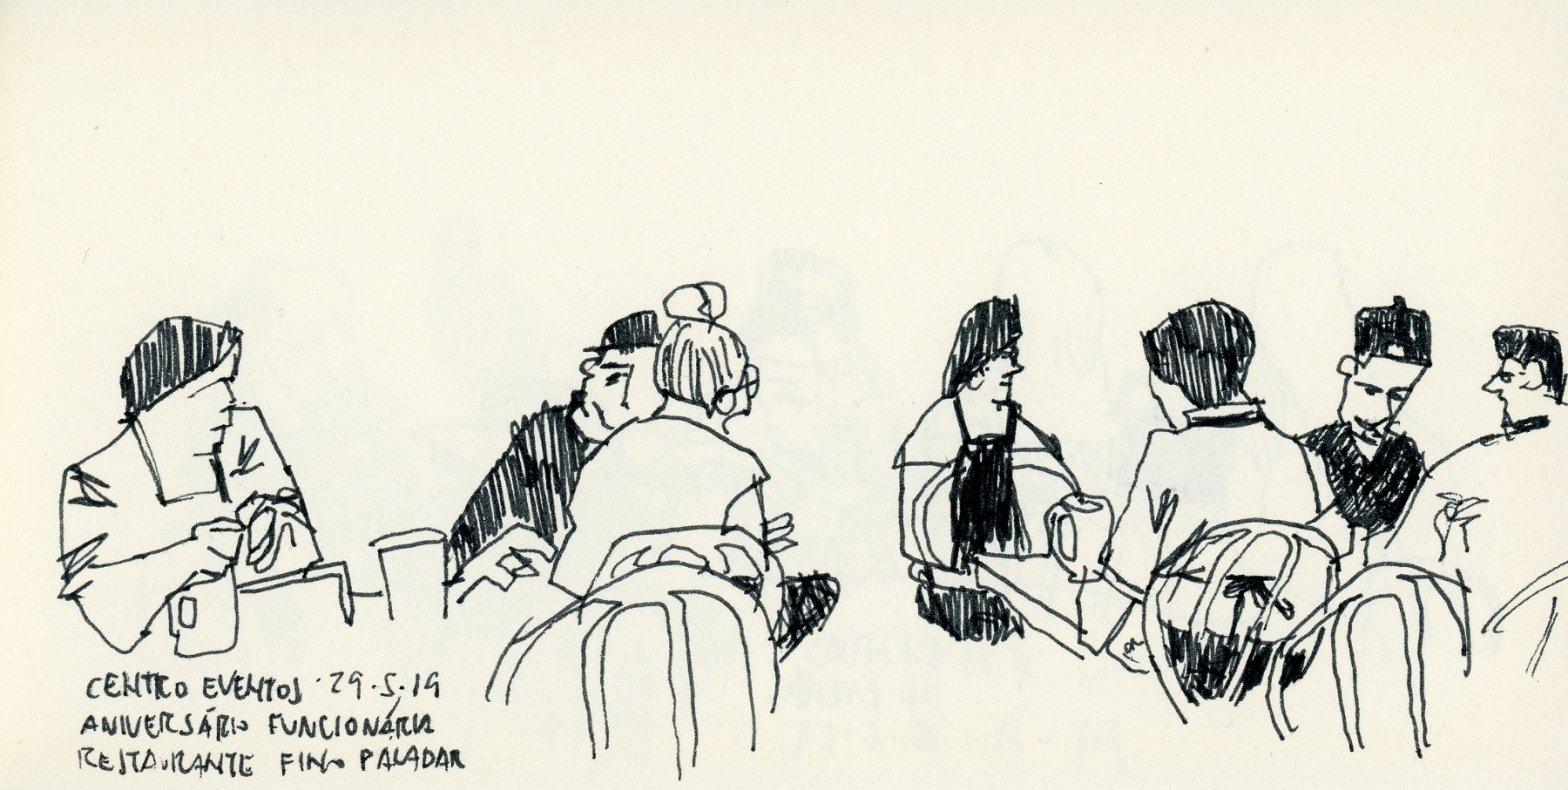 Desenho horizontal com várias pessoas sentadas em duas mesas